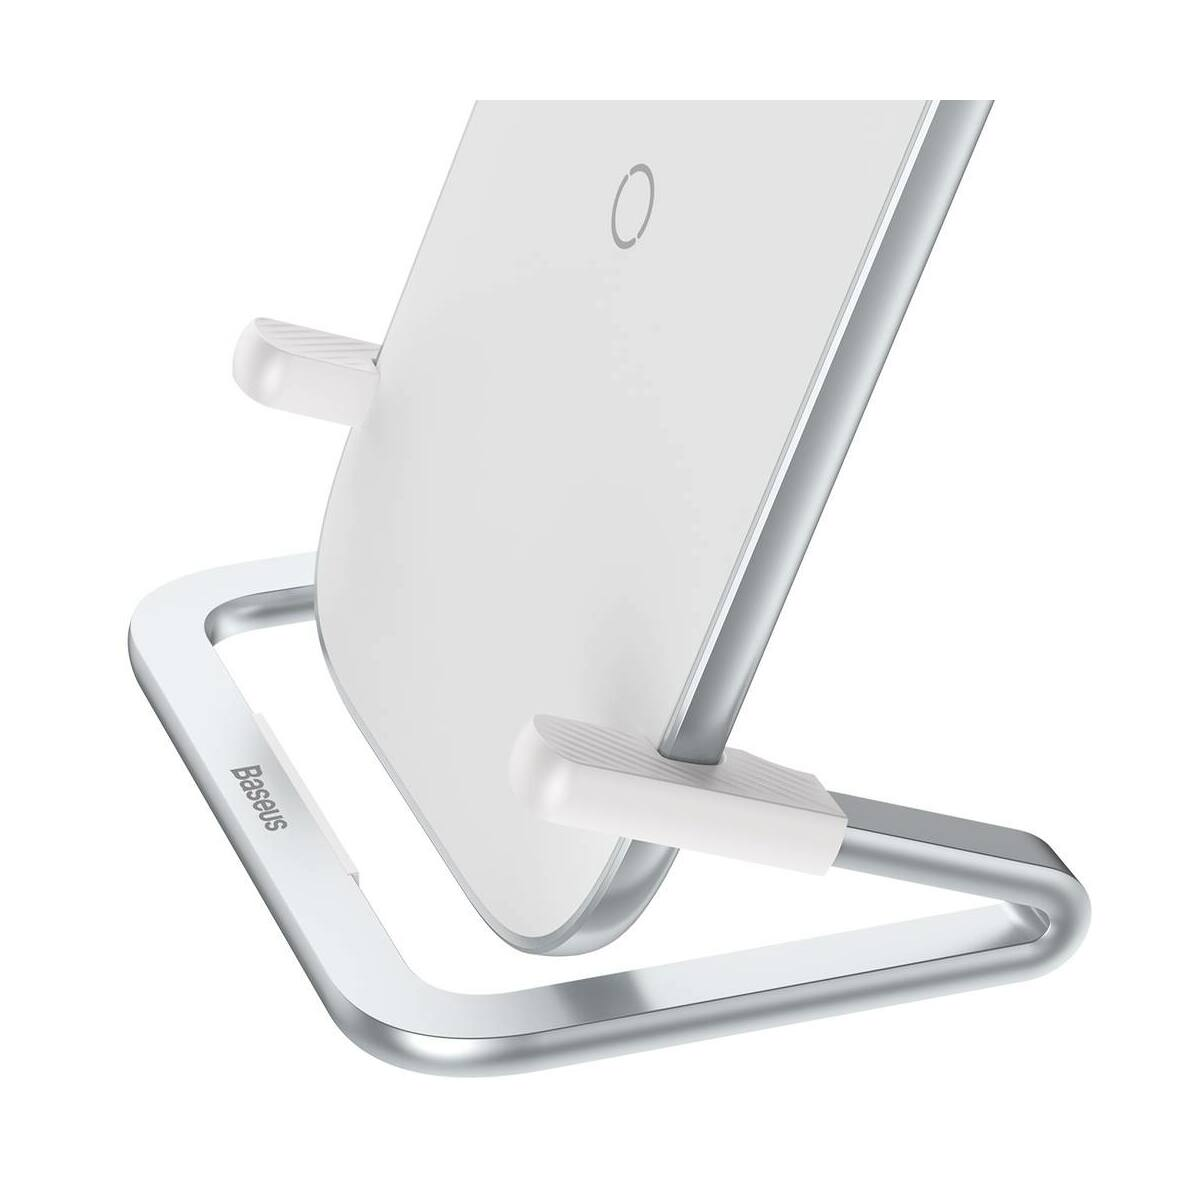 Baseus vezeték nélküli töltő, Cobble Rib változtatható telefon töltési pozícióval (fekvő és álló) 15W, fehér(WXPG-02)